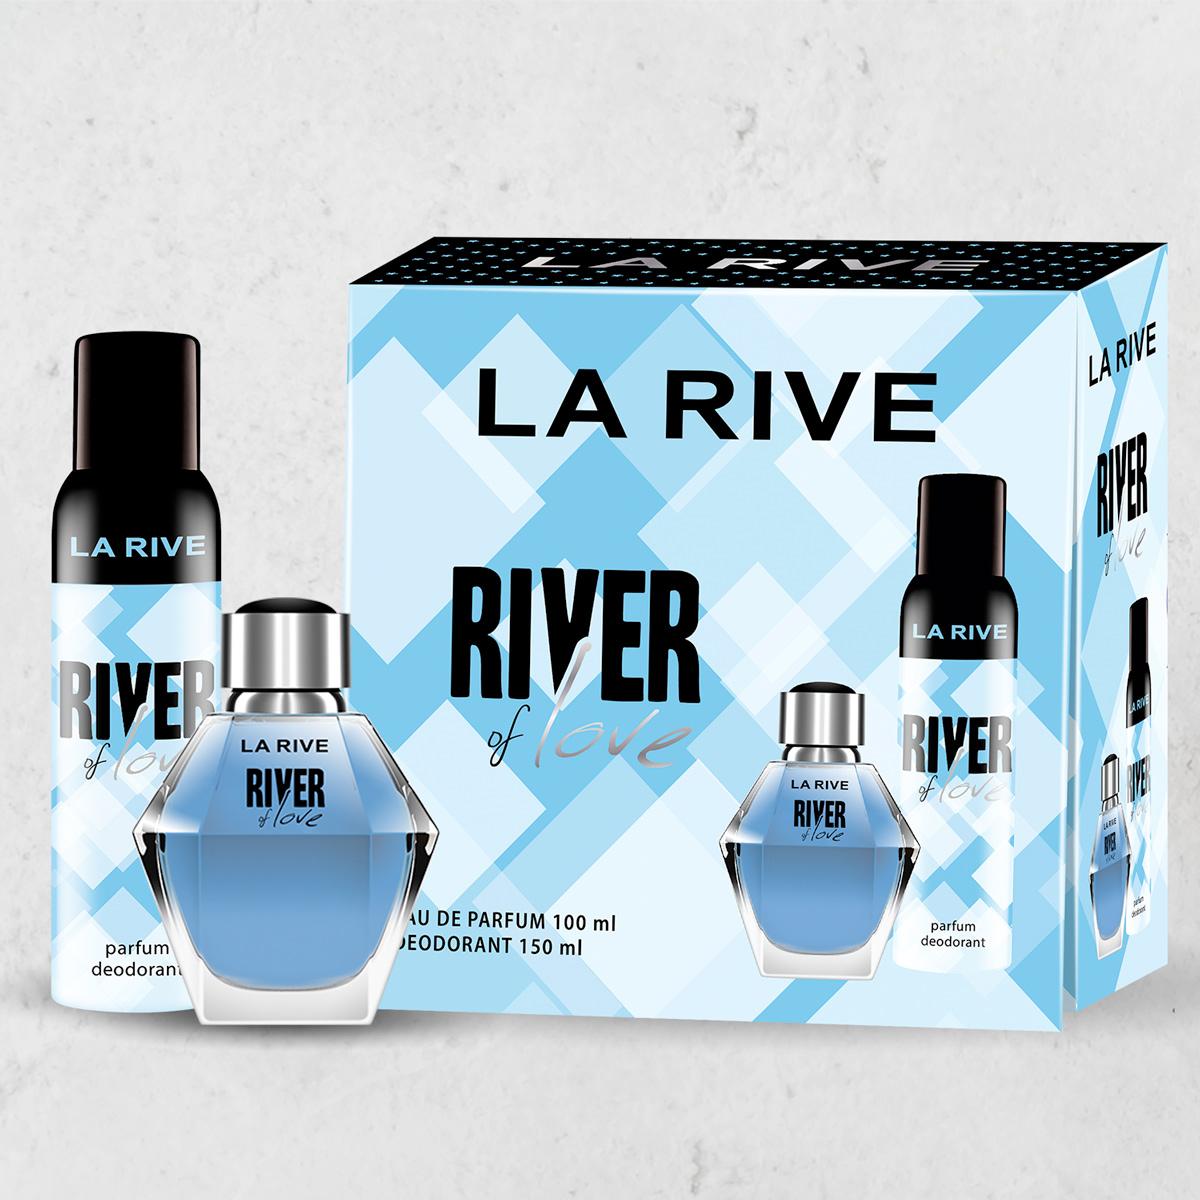 Kit Perfume River Of Love 100ml + Desodorante 150ml La Rive